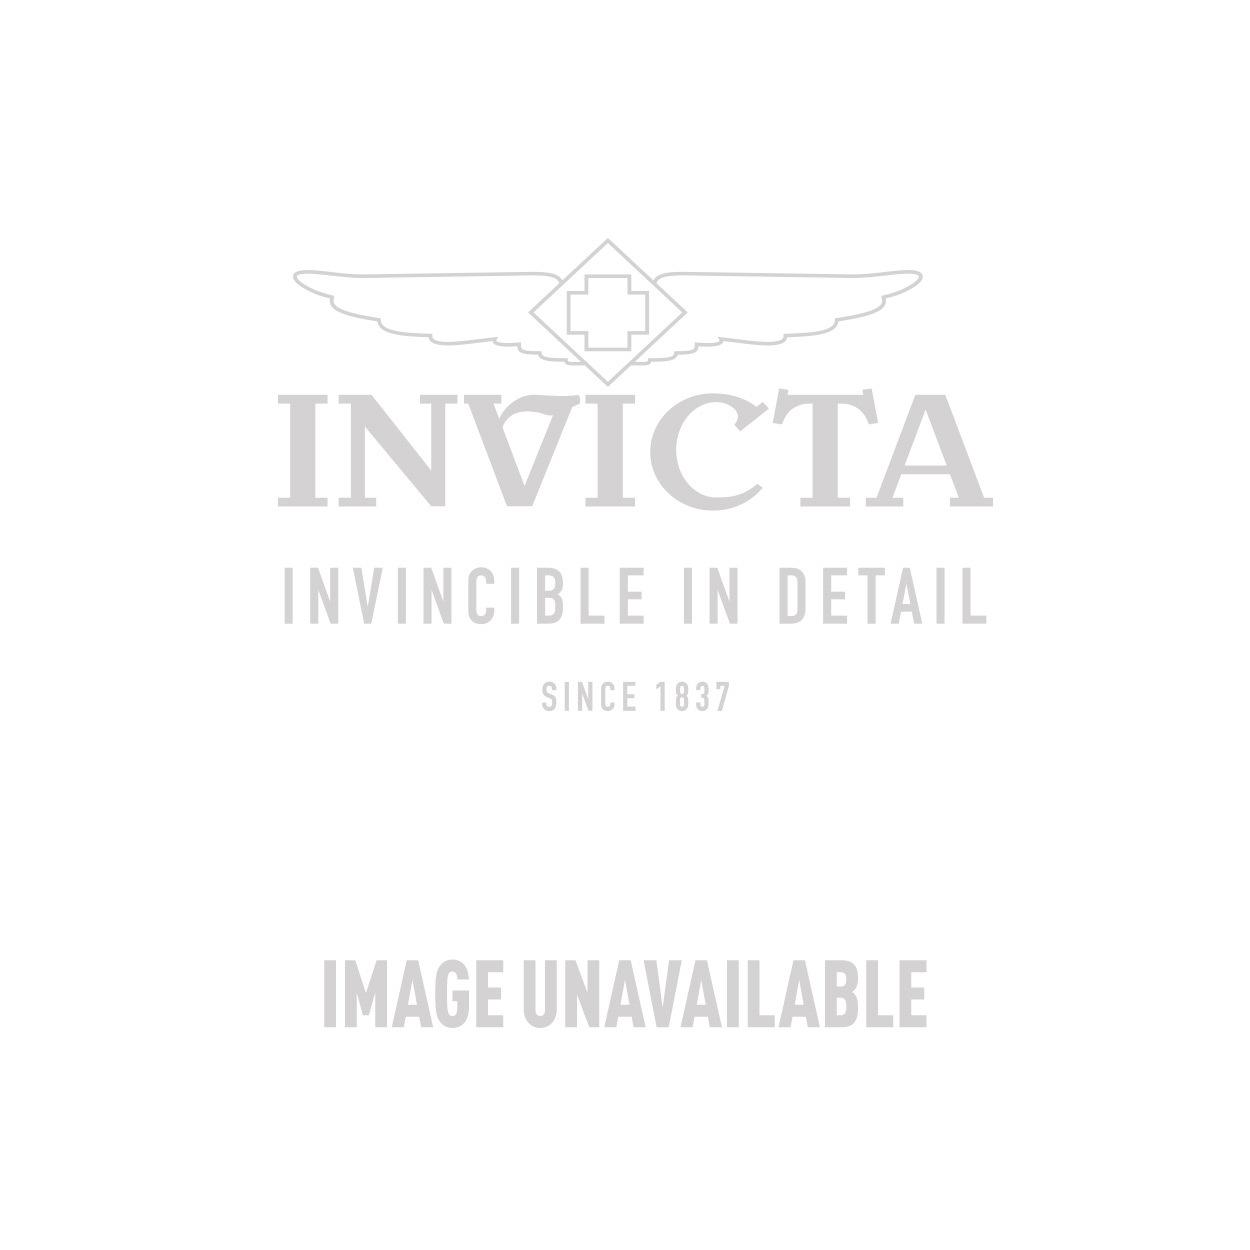 Invicta Model 28549